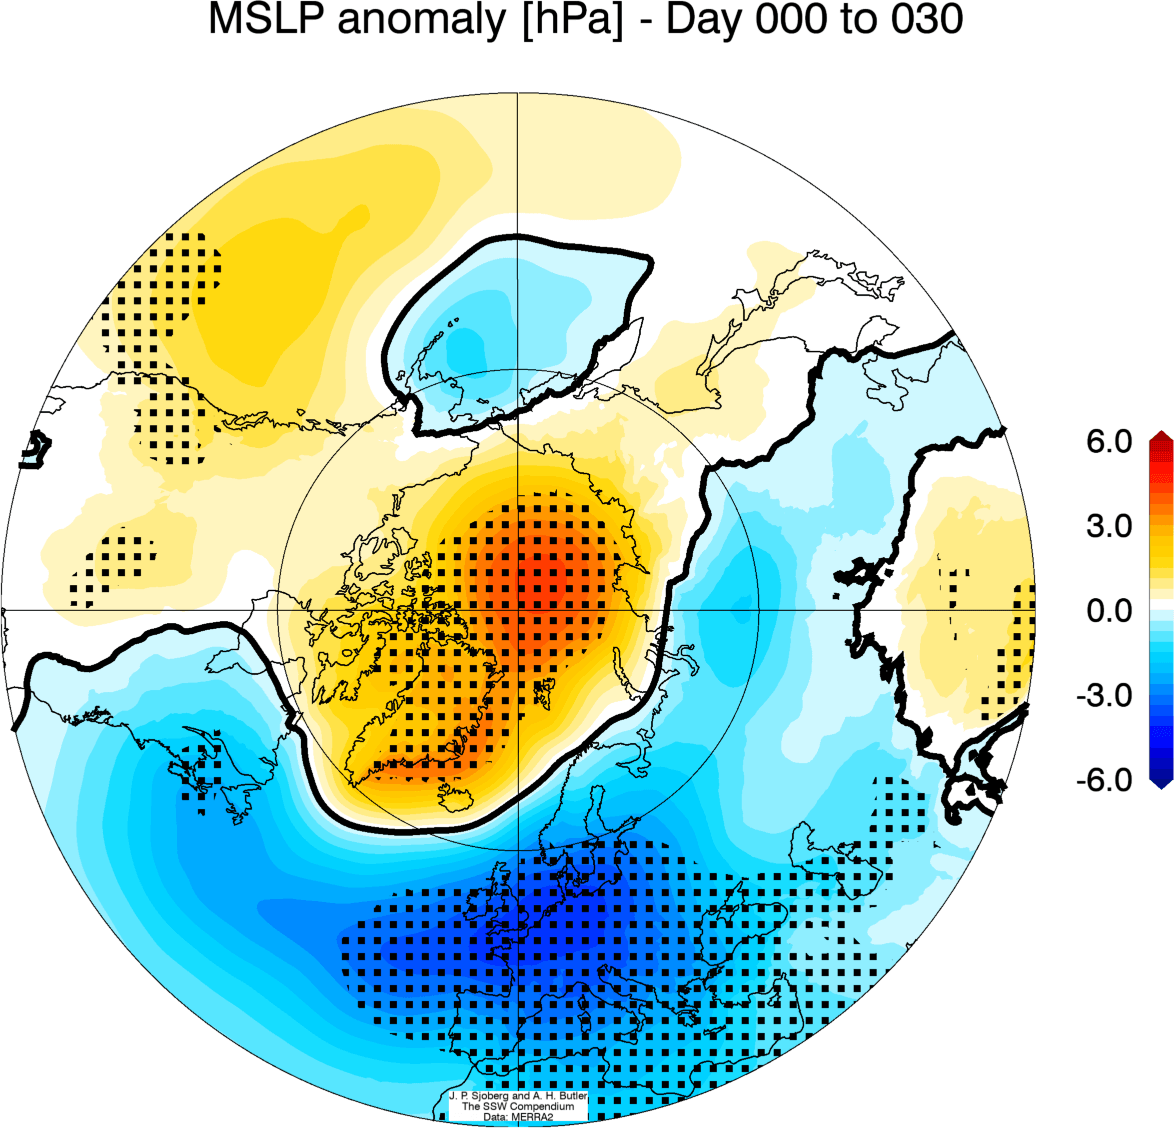 polar-vortex-winter-stratospheric-warming-pressure-change